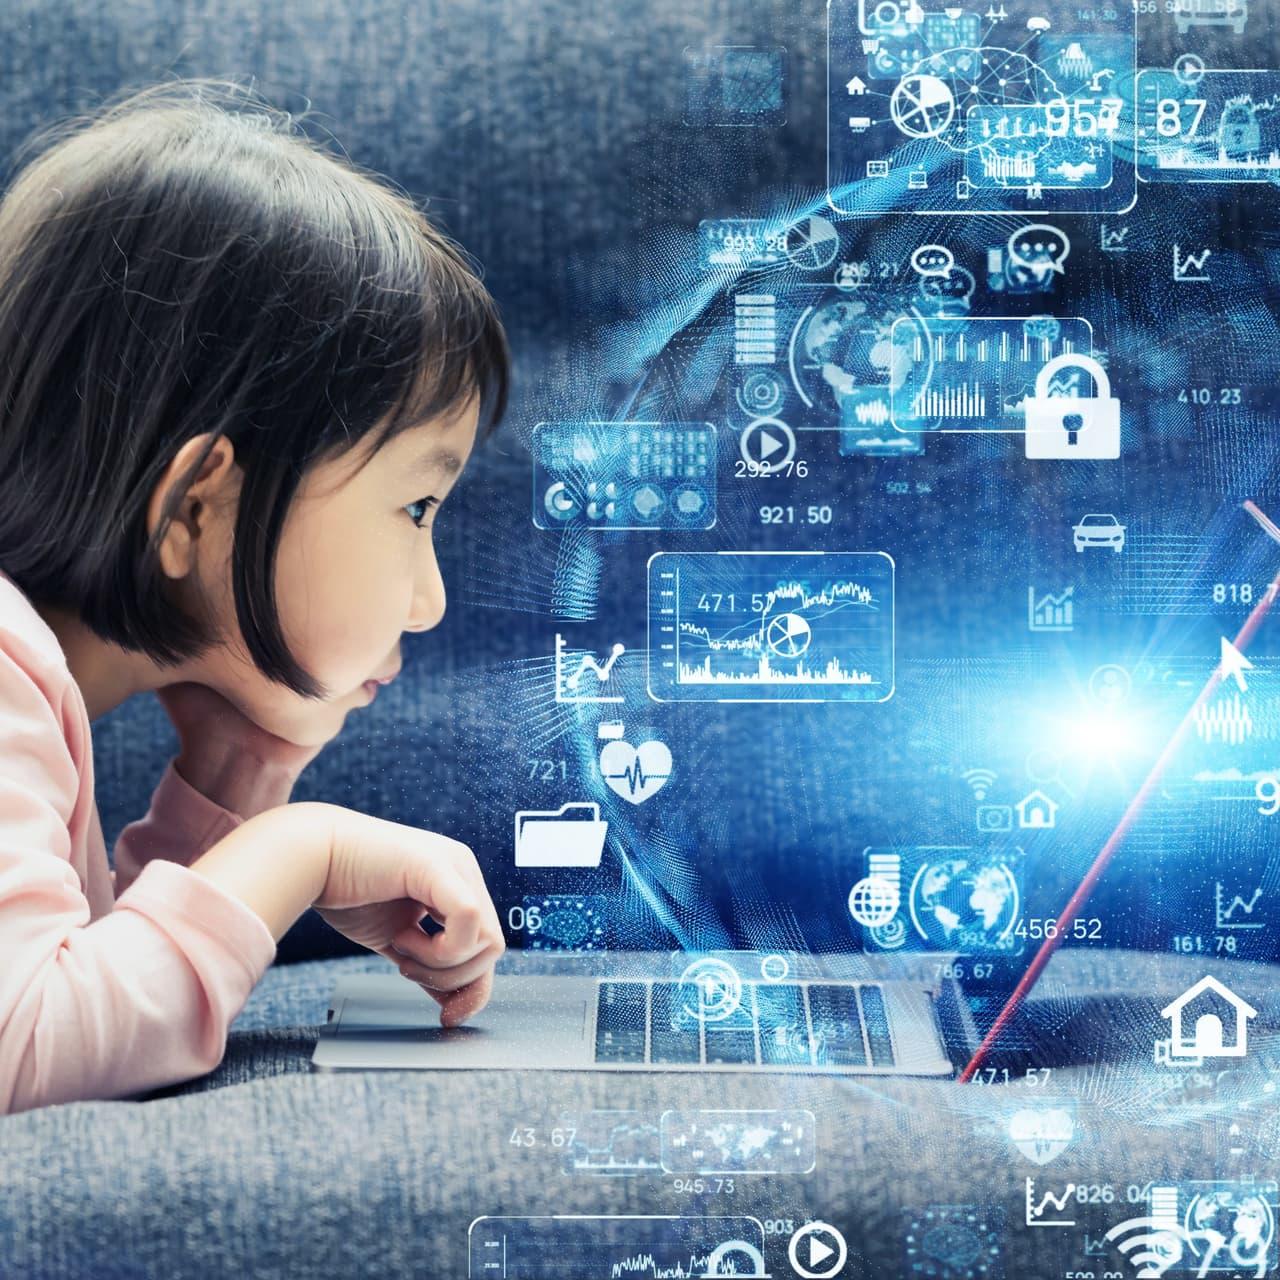 【慎重な運用が前提】学校現場におけるビッグデータ活用に潜むリスク